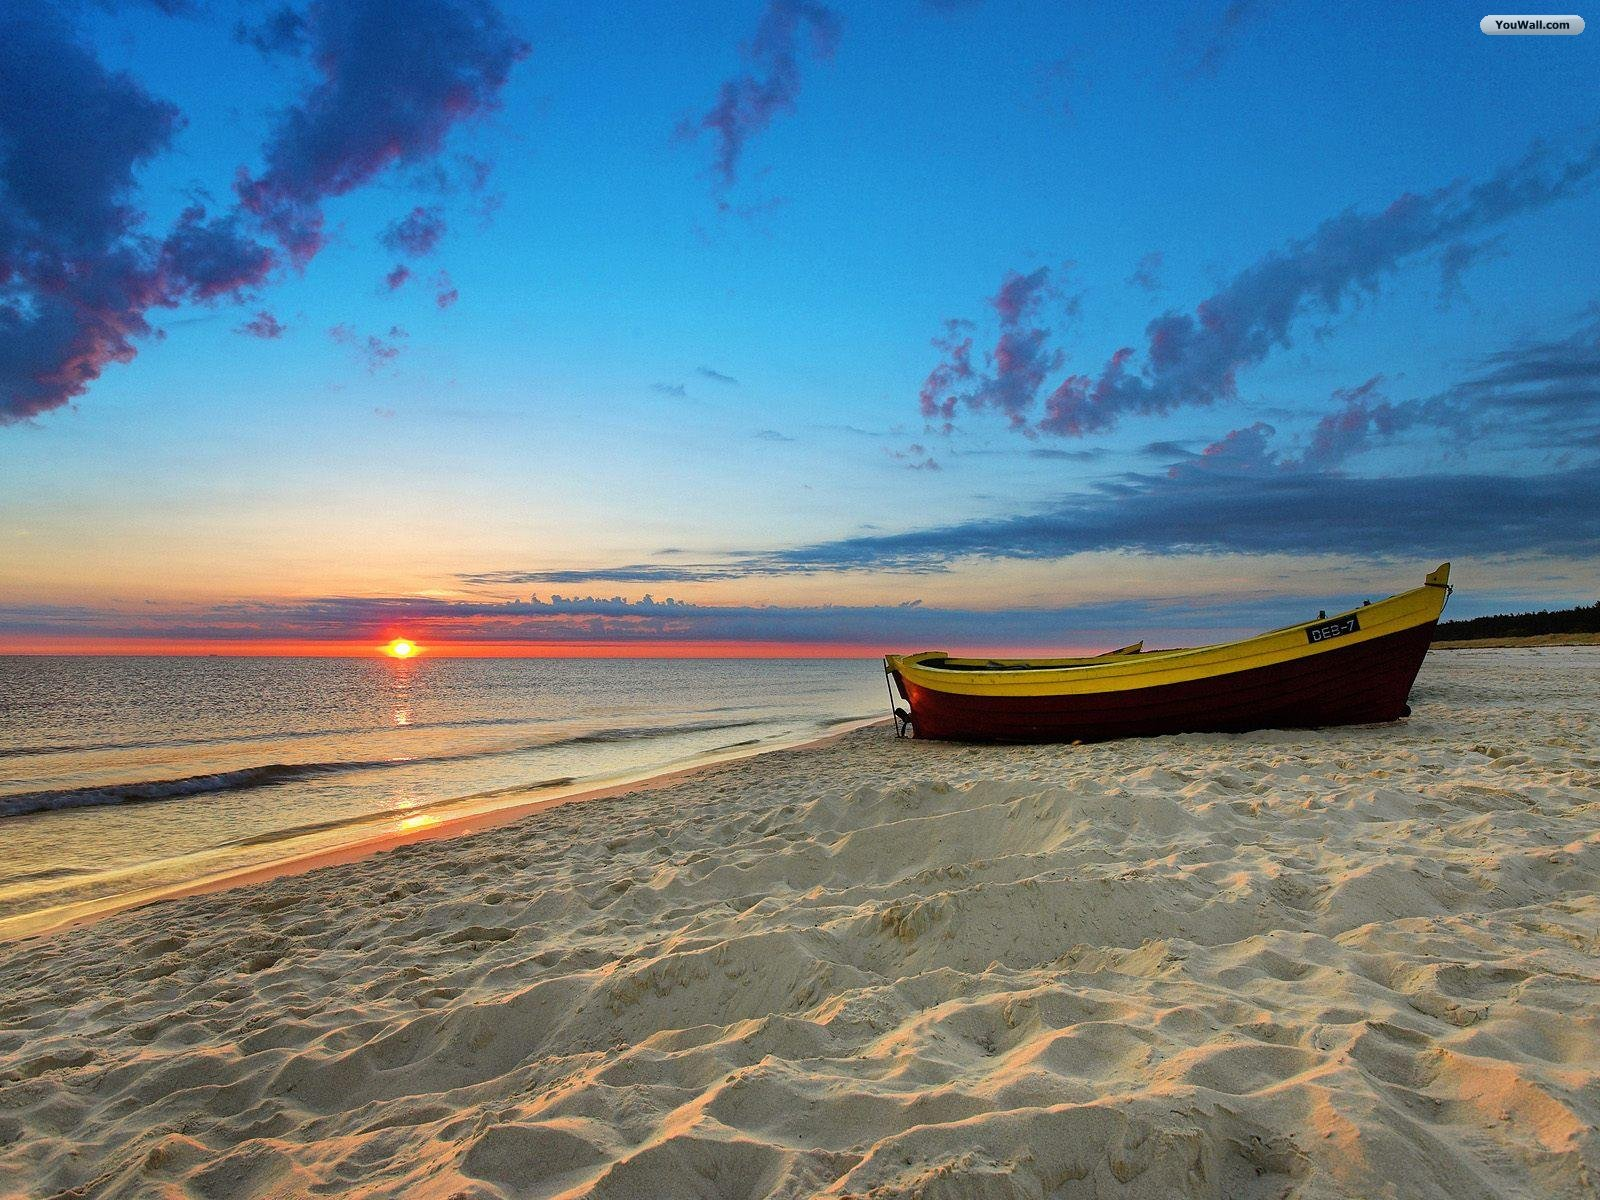 The Beach Sunset Wallpaper 1600x1200